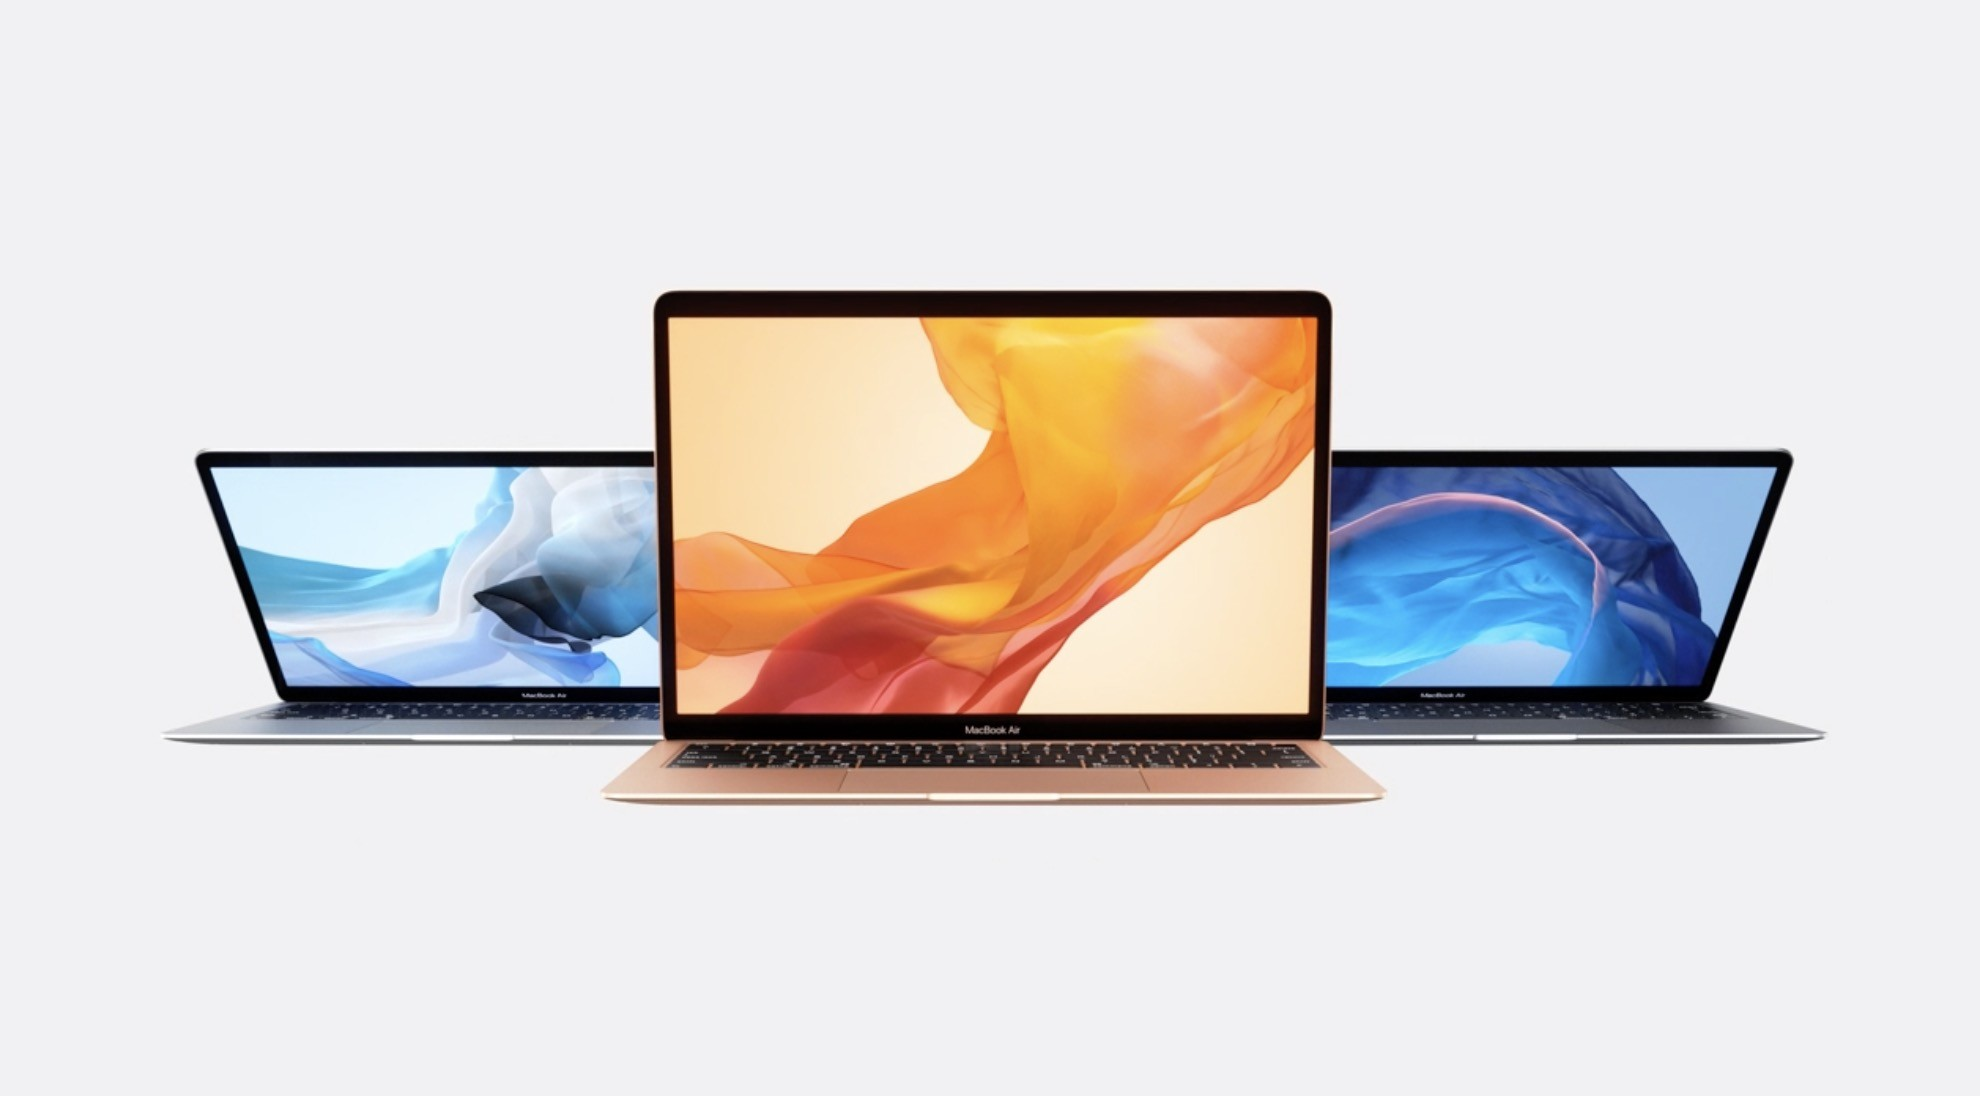  Precio, características y especificaciones de las nuevas MacBook Air 2018 con pantalla de retina [+Video]